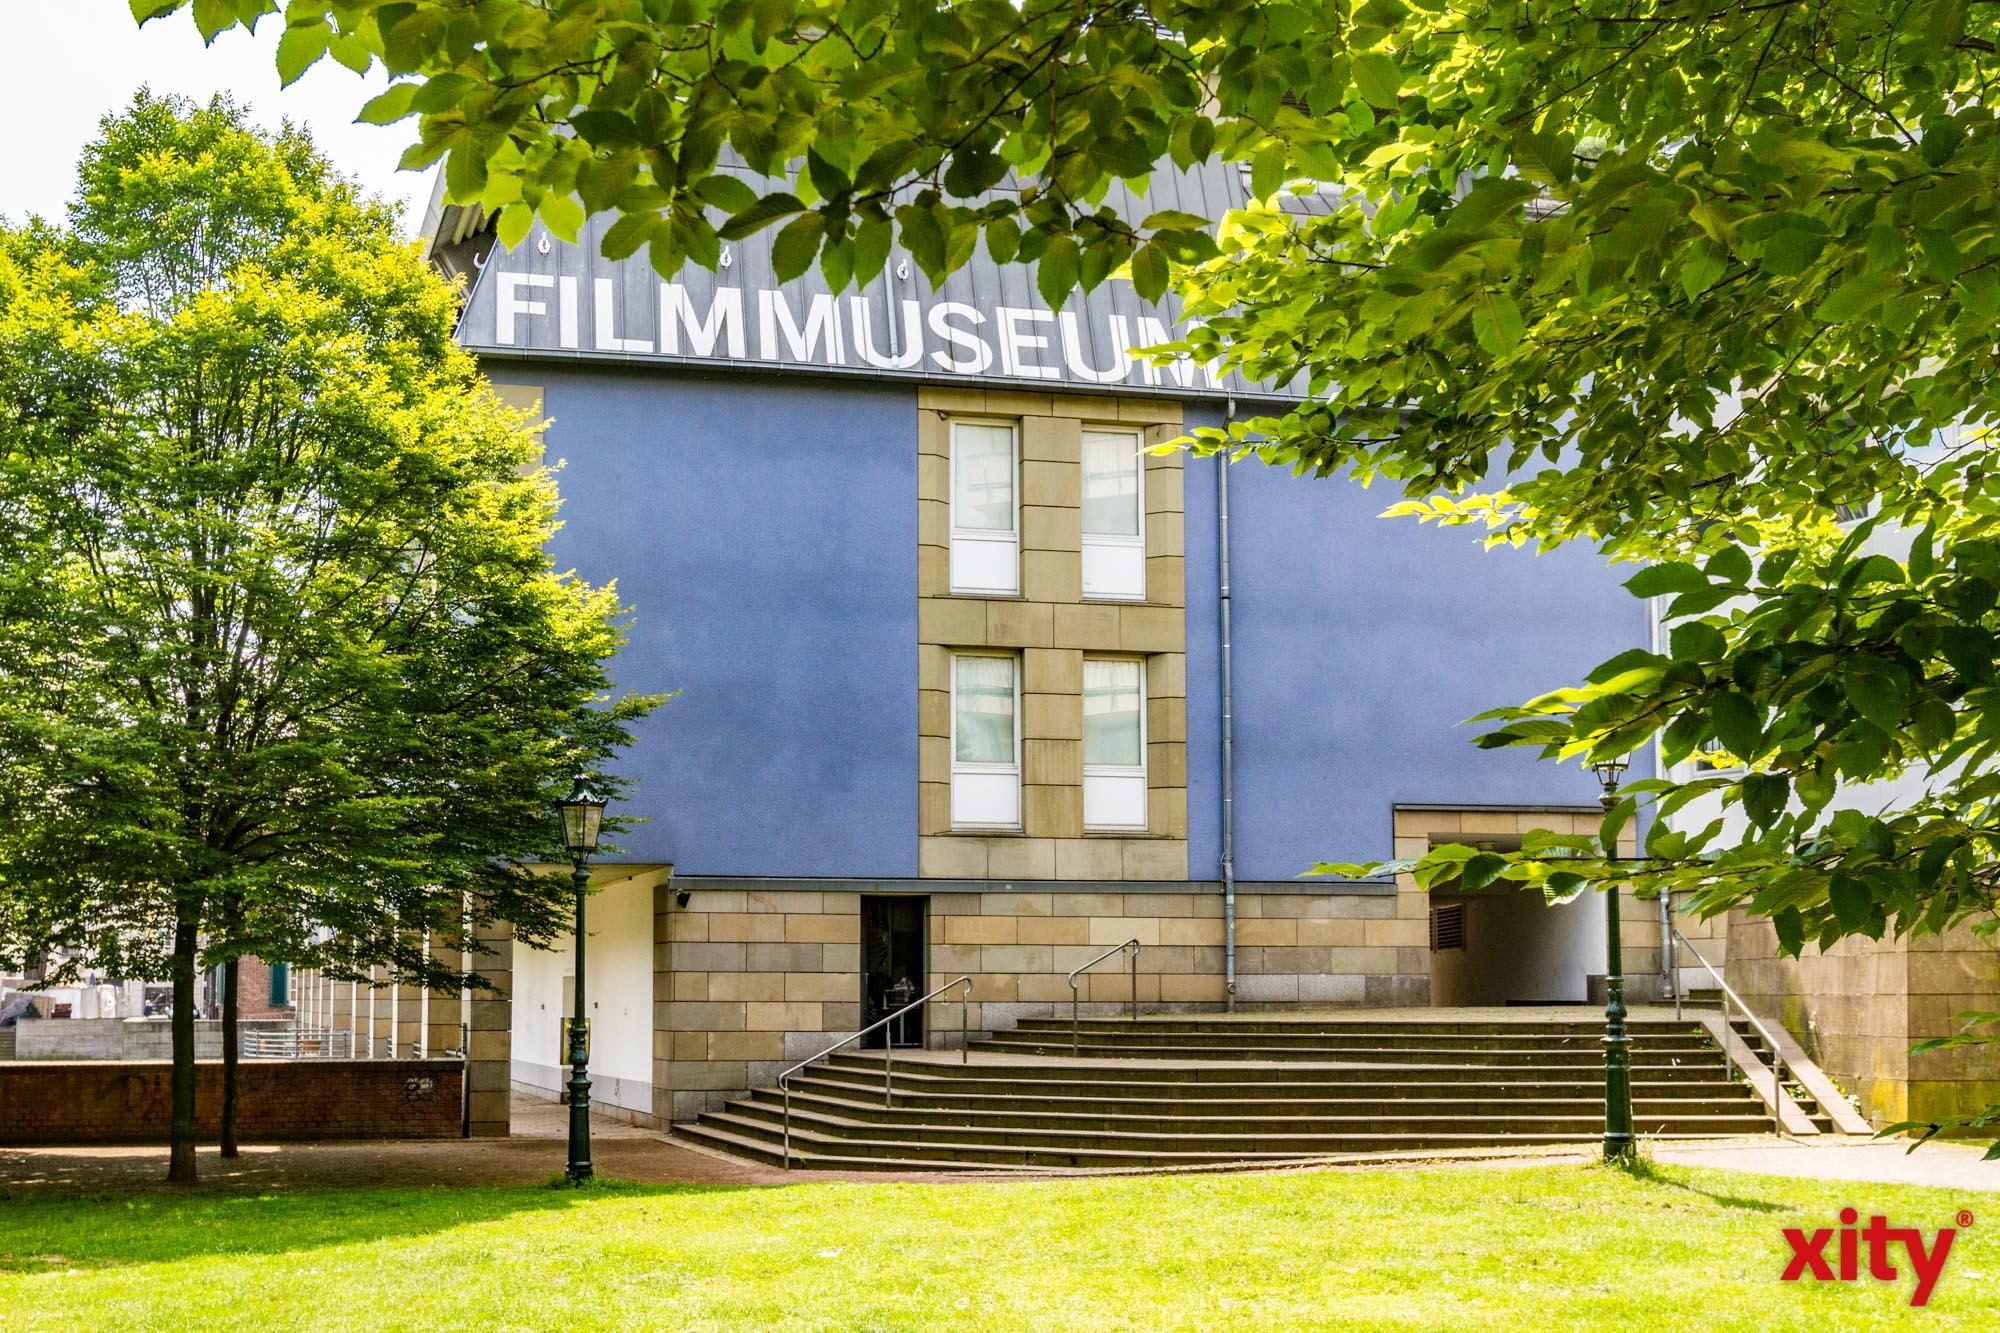 Filmmuseum Düsseldorf zum Vollmitglied bei FIAF gewählt (Foto: xity)